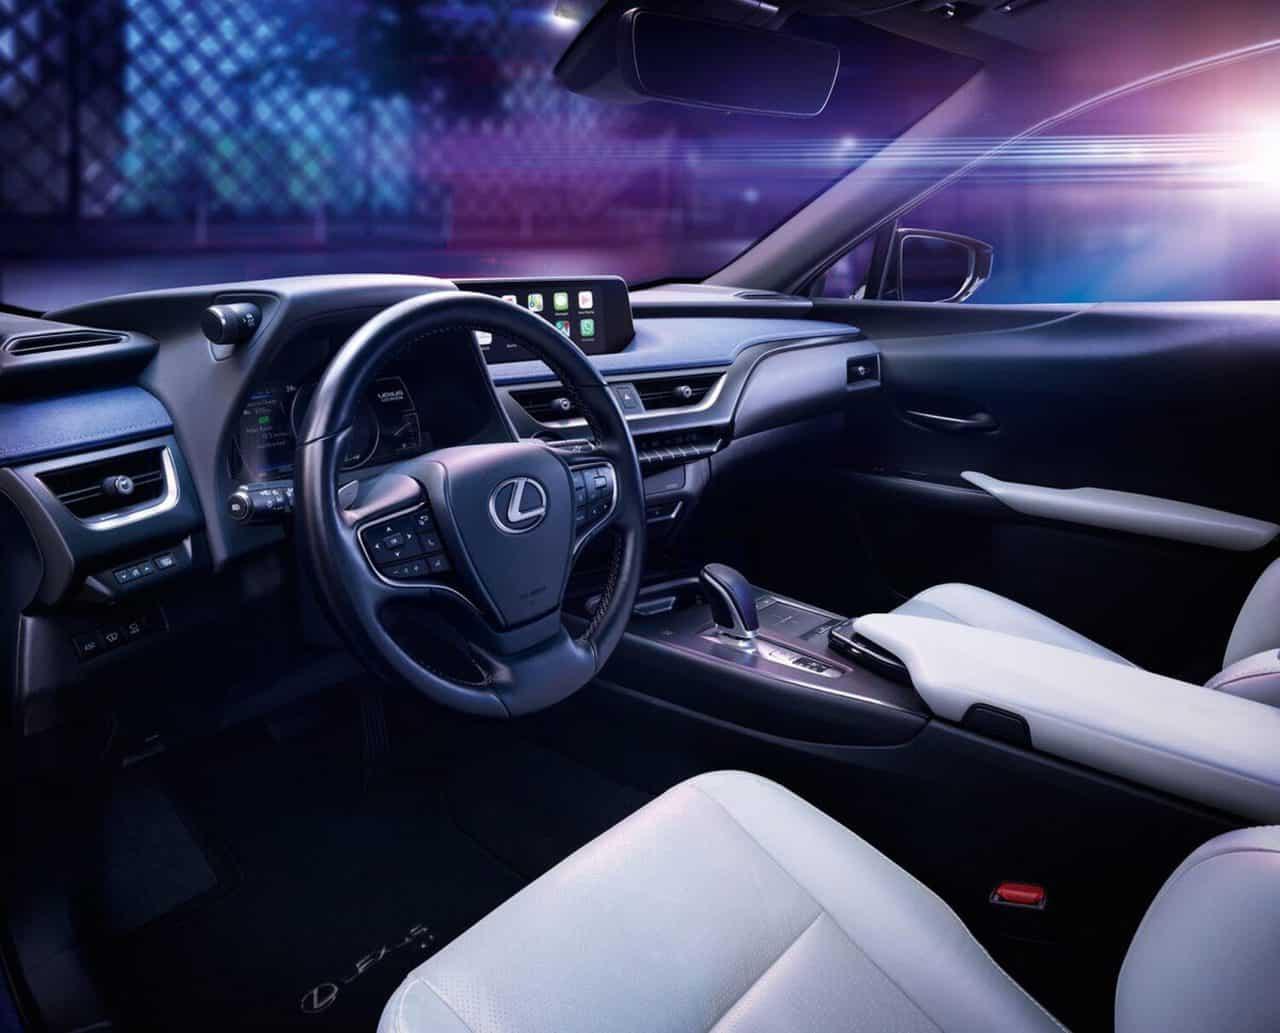 Innenraum des ersten E-Auto von Lexus